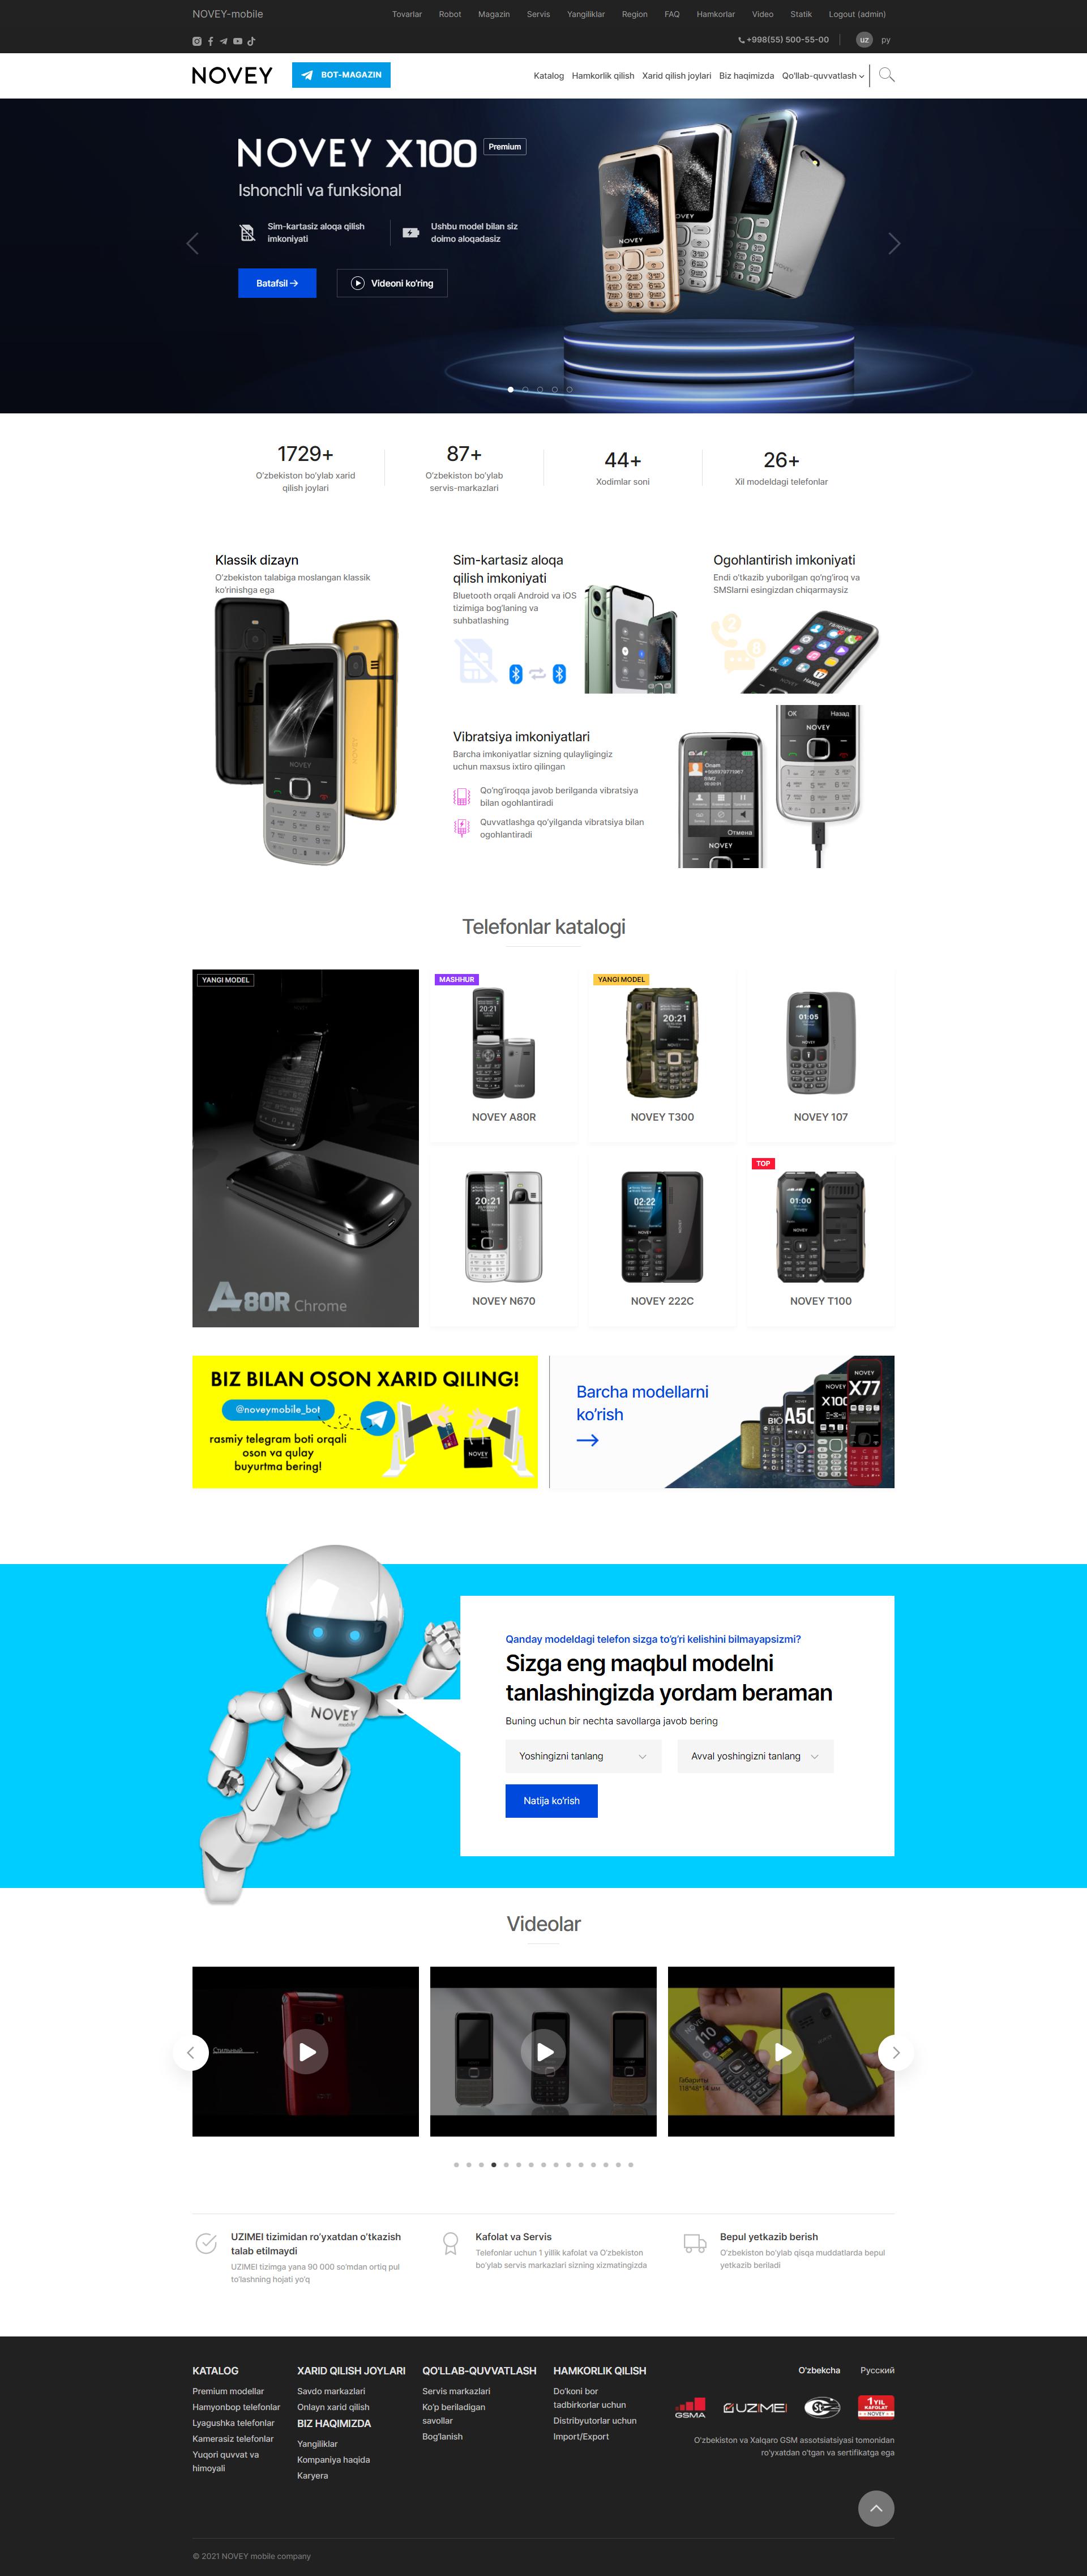 Novey Mobile - Продукция производится на основе высоких технологий, наши телефоны отличают удобные возможности, классический дизайн и направление на удовлетворение потребностей народа.